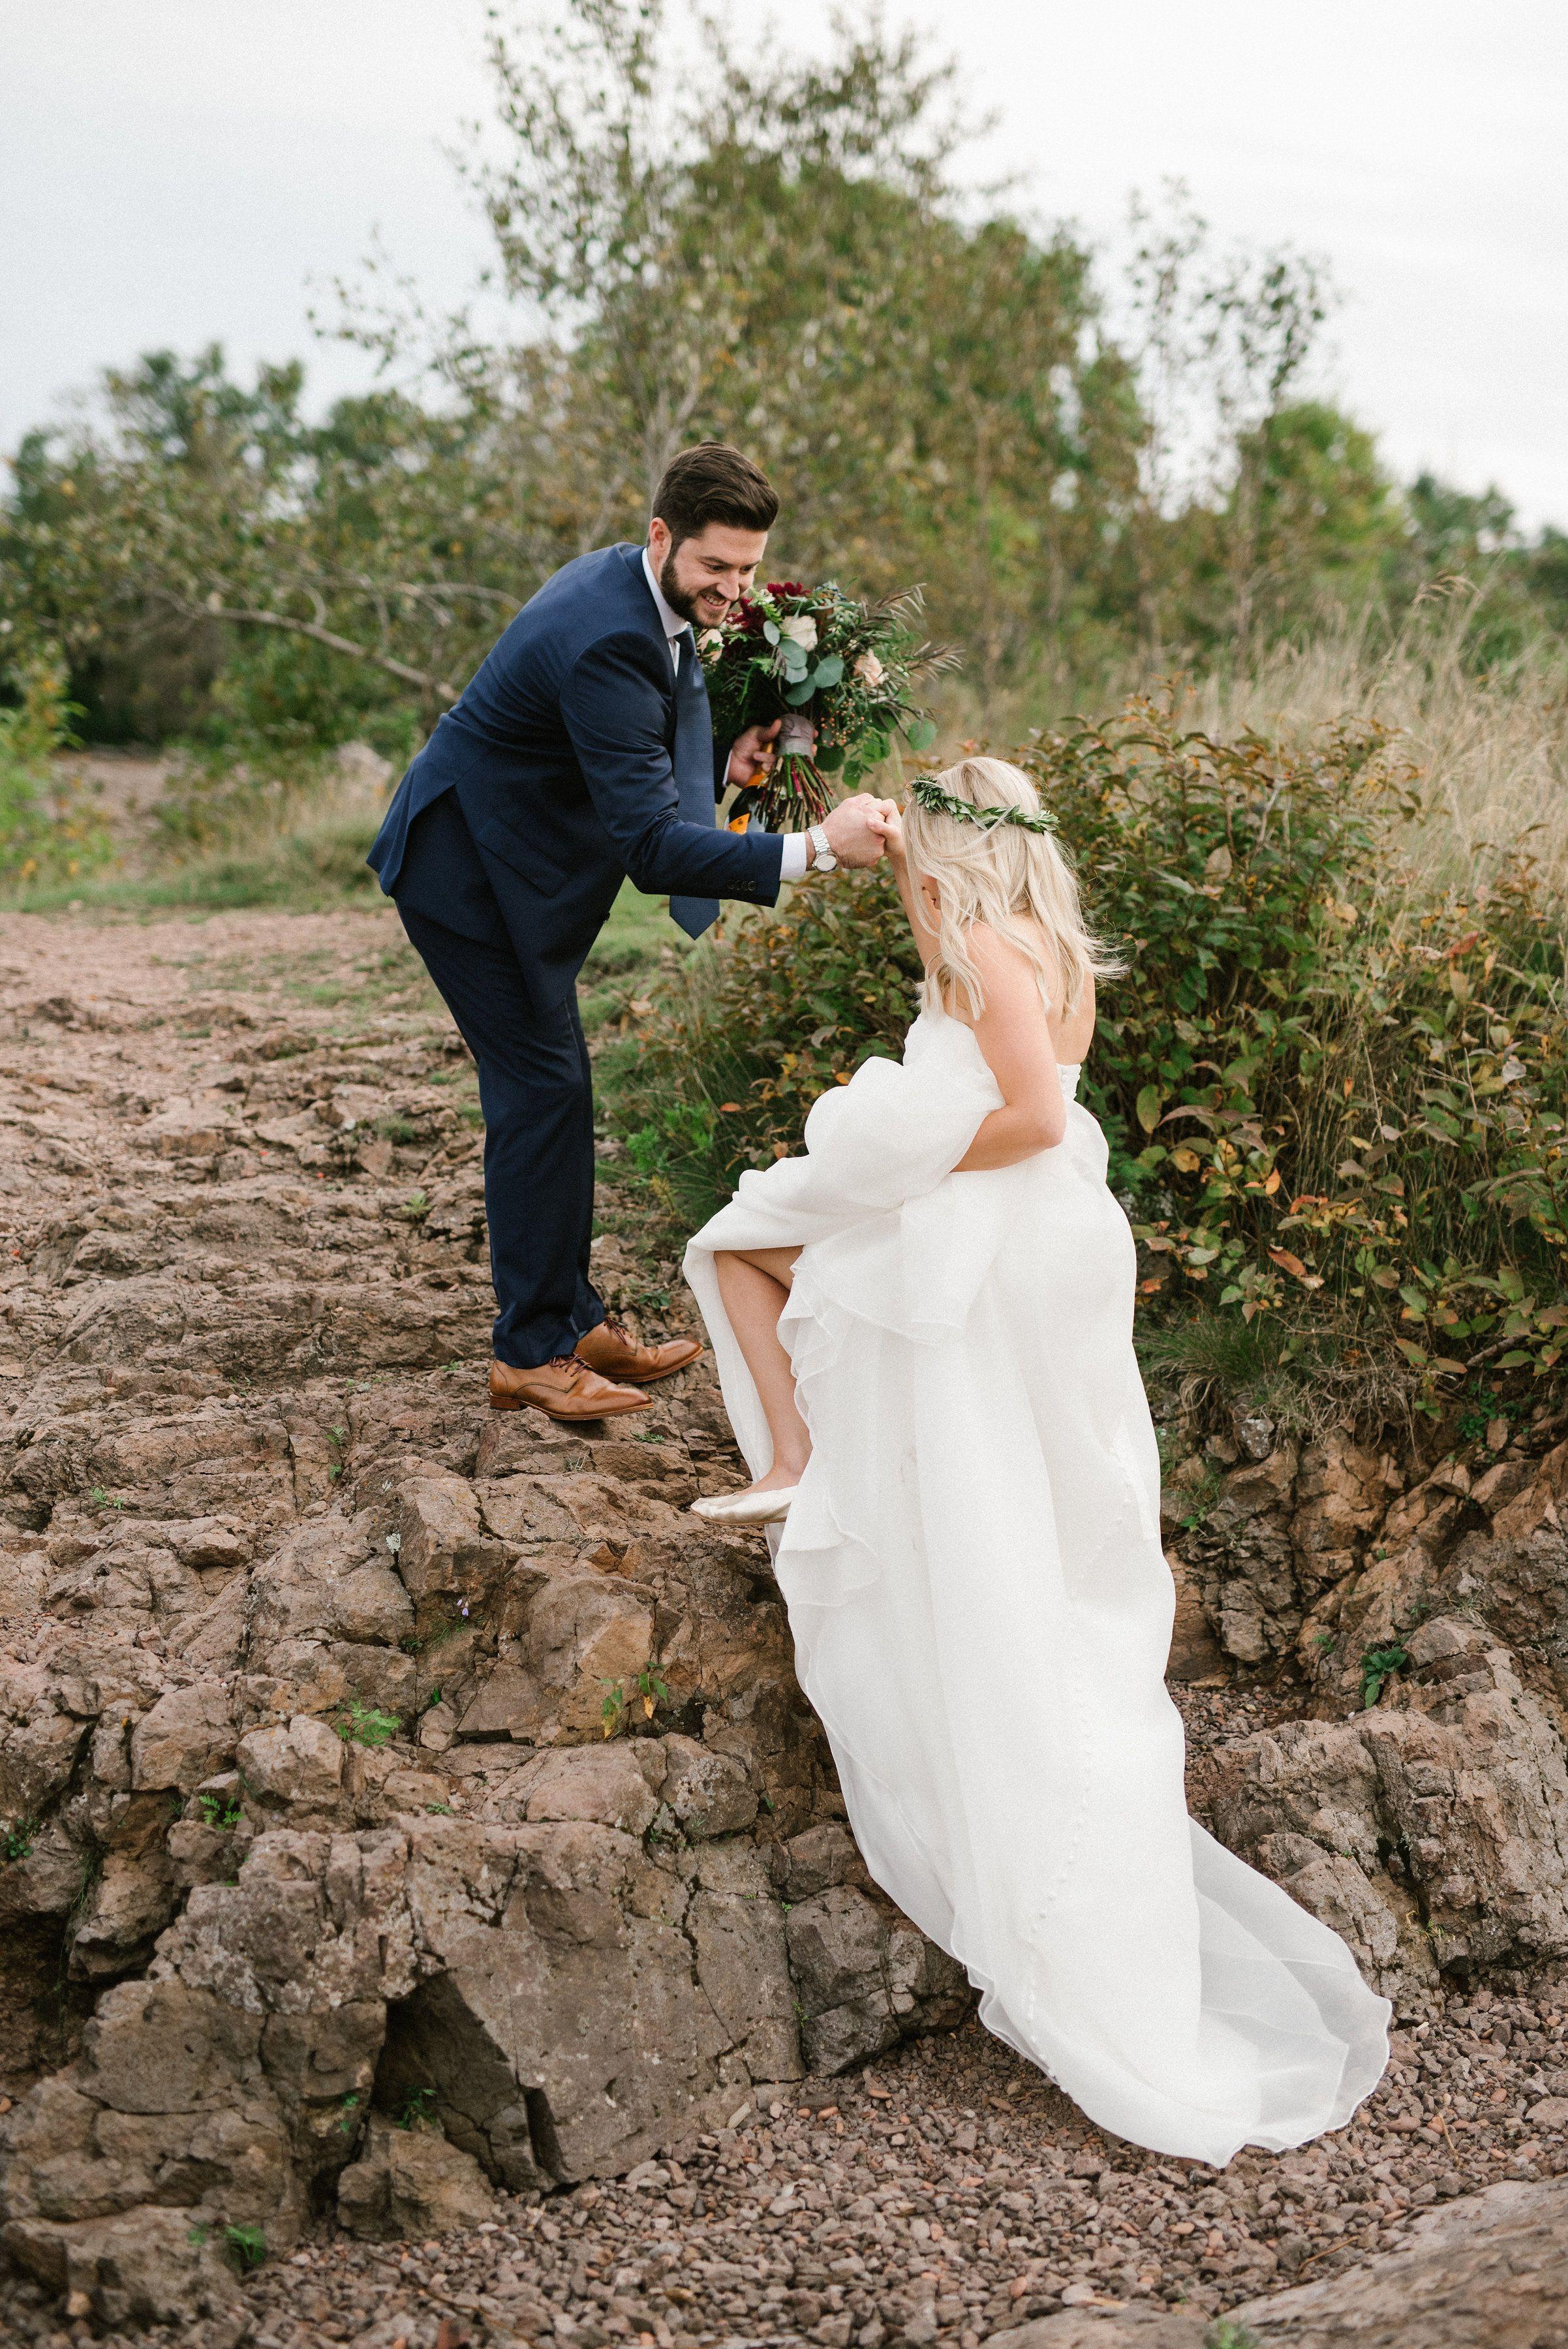 Minnesota Elopement Packages Lace Brass Events Minnesota Wedding Elopement Photographer